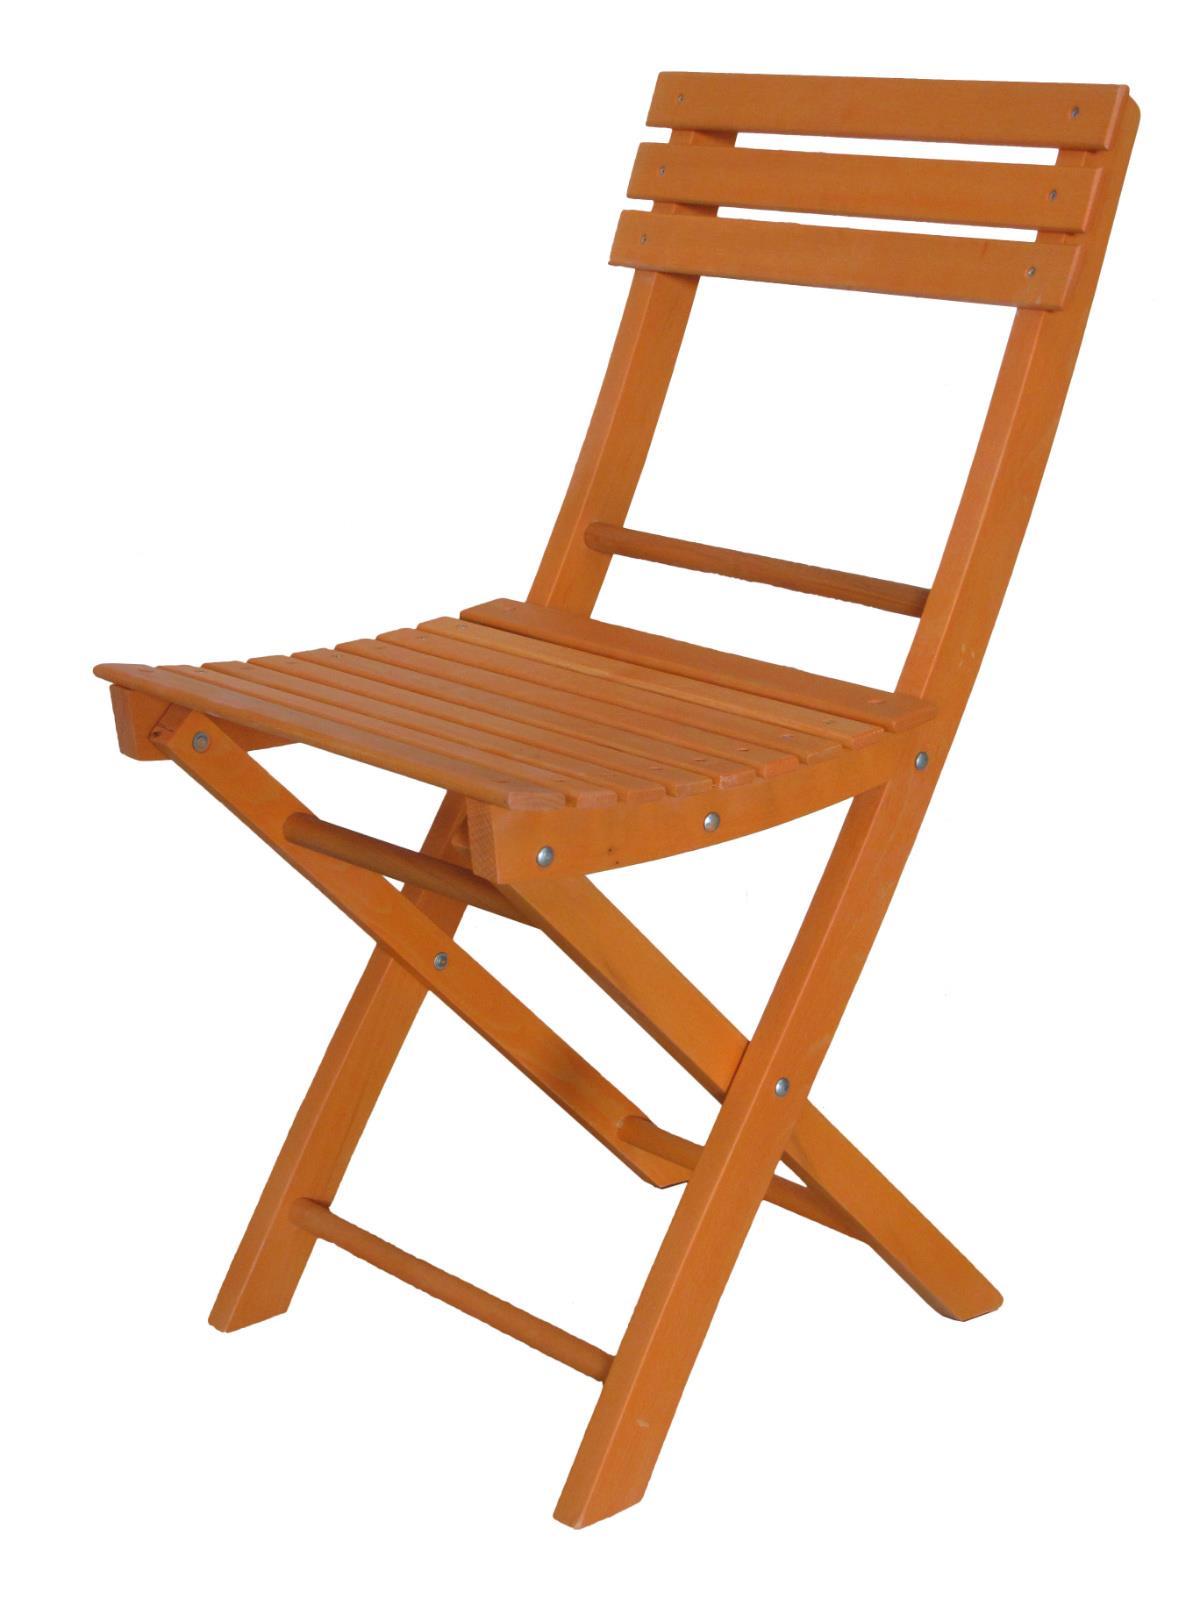 Sedia in legno pieghevole basic fratelli del fabbro srl - Sedia pieghevole design ...